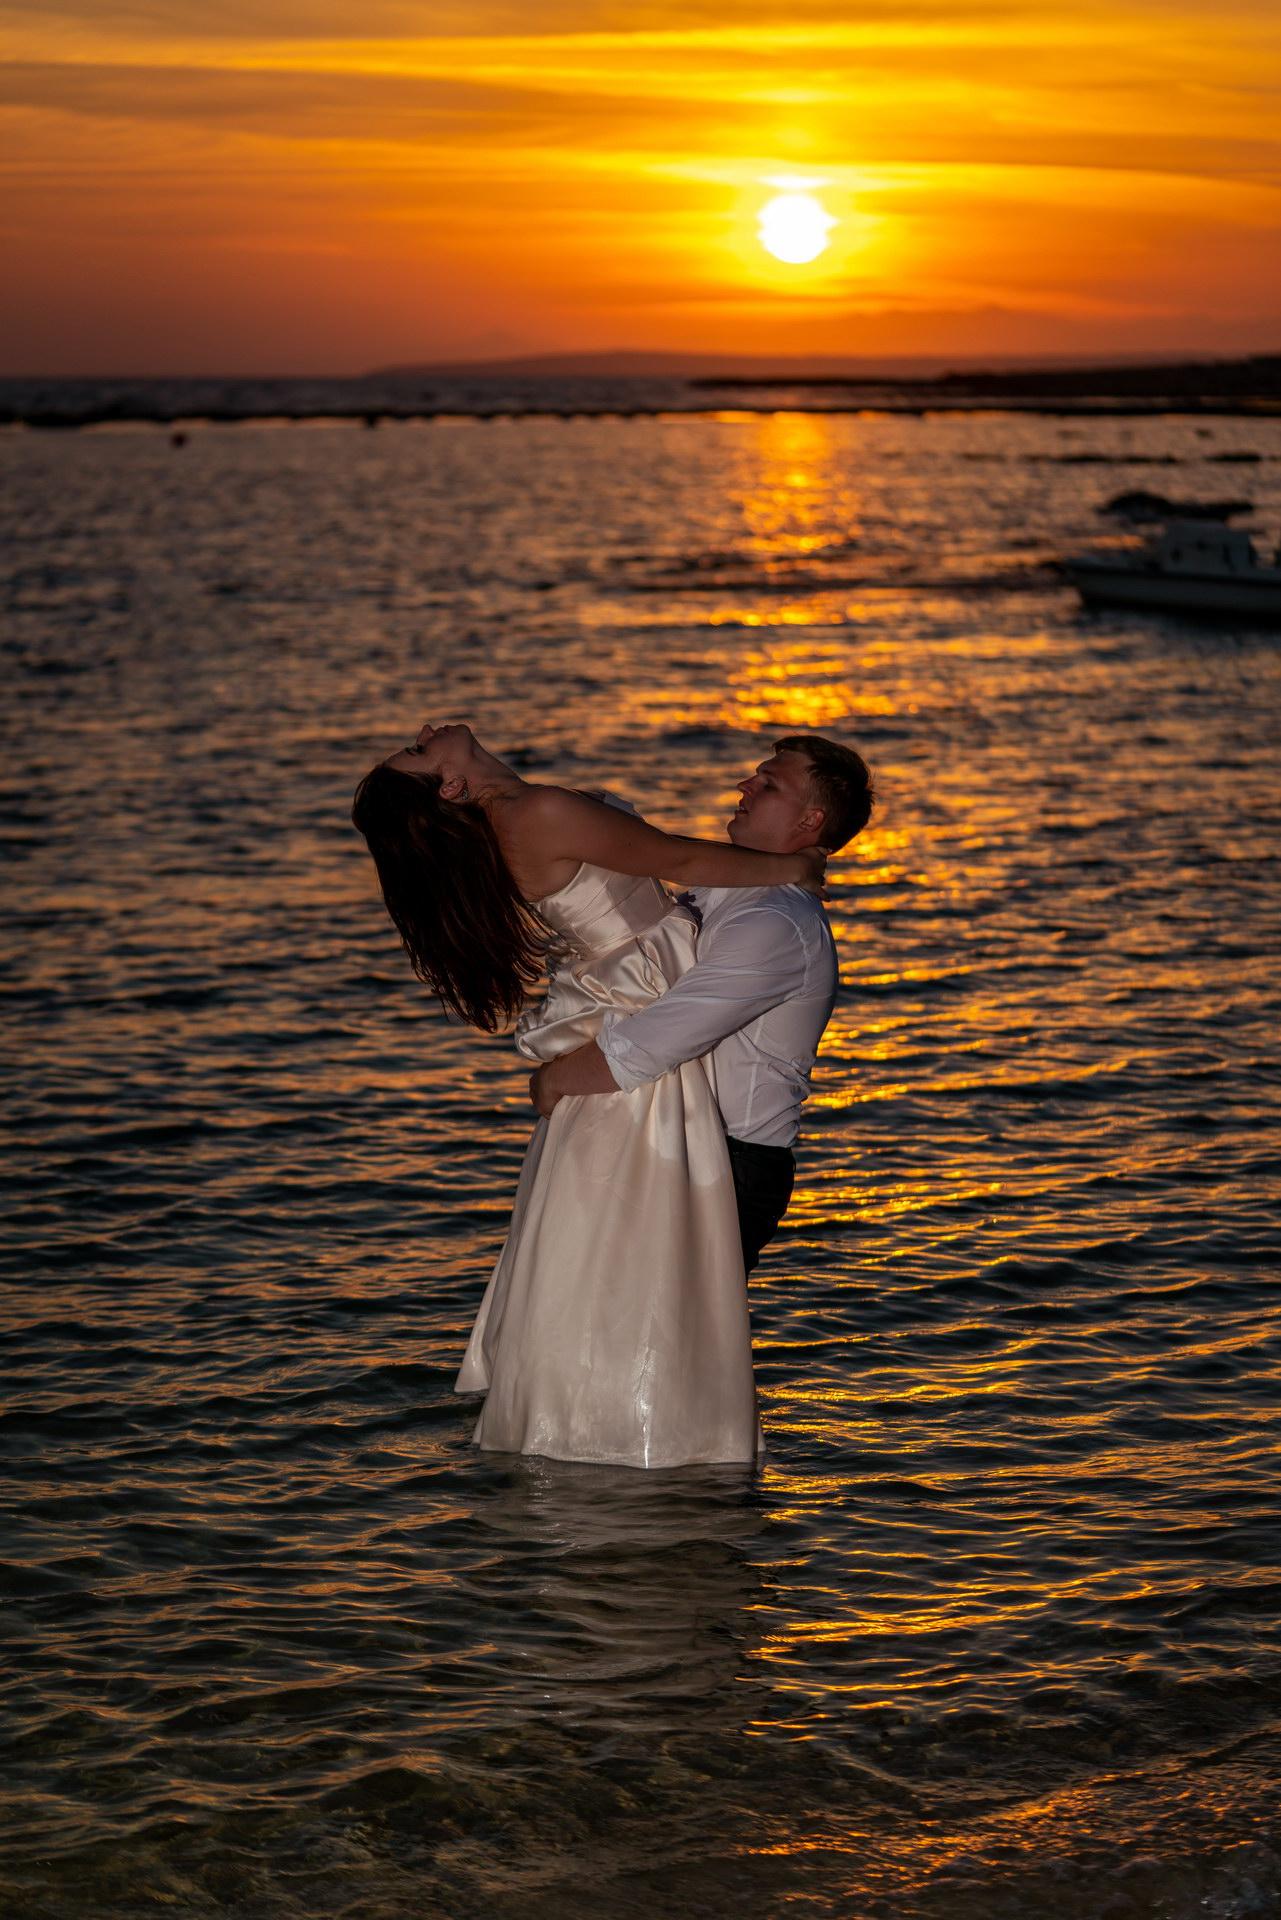 PIC03889_happyimagescyprus.com